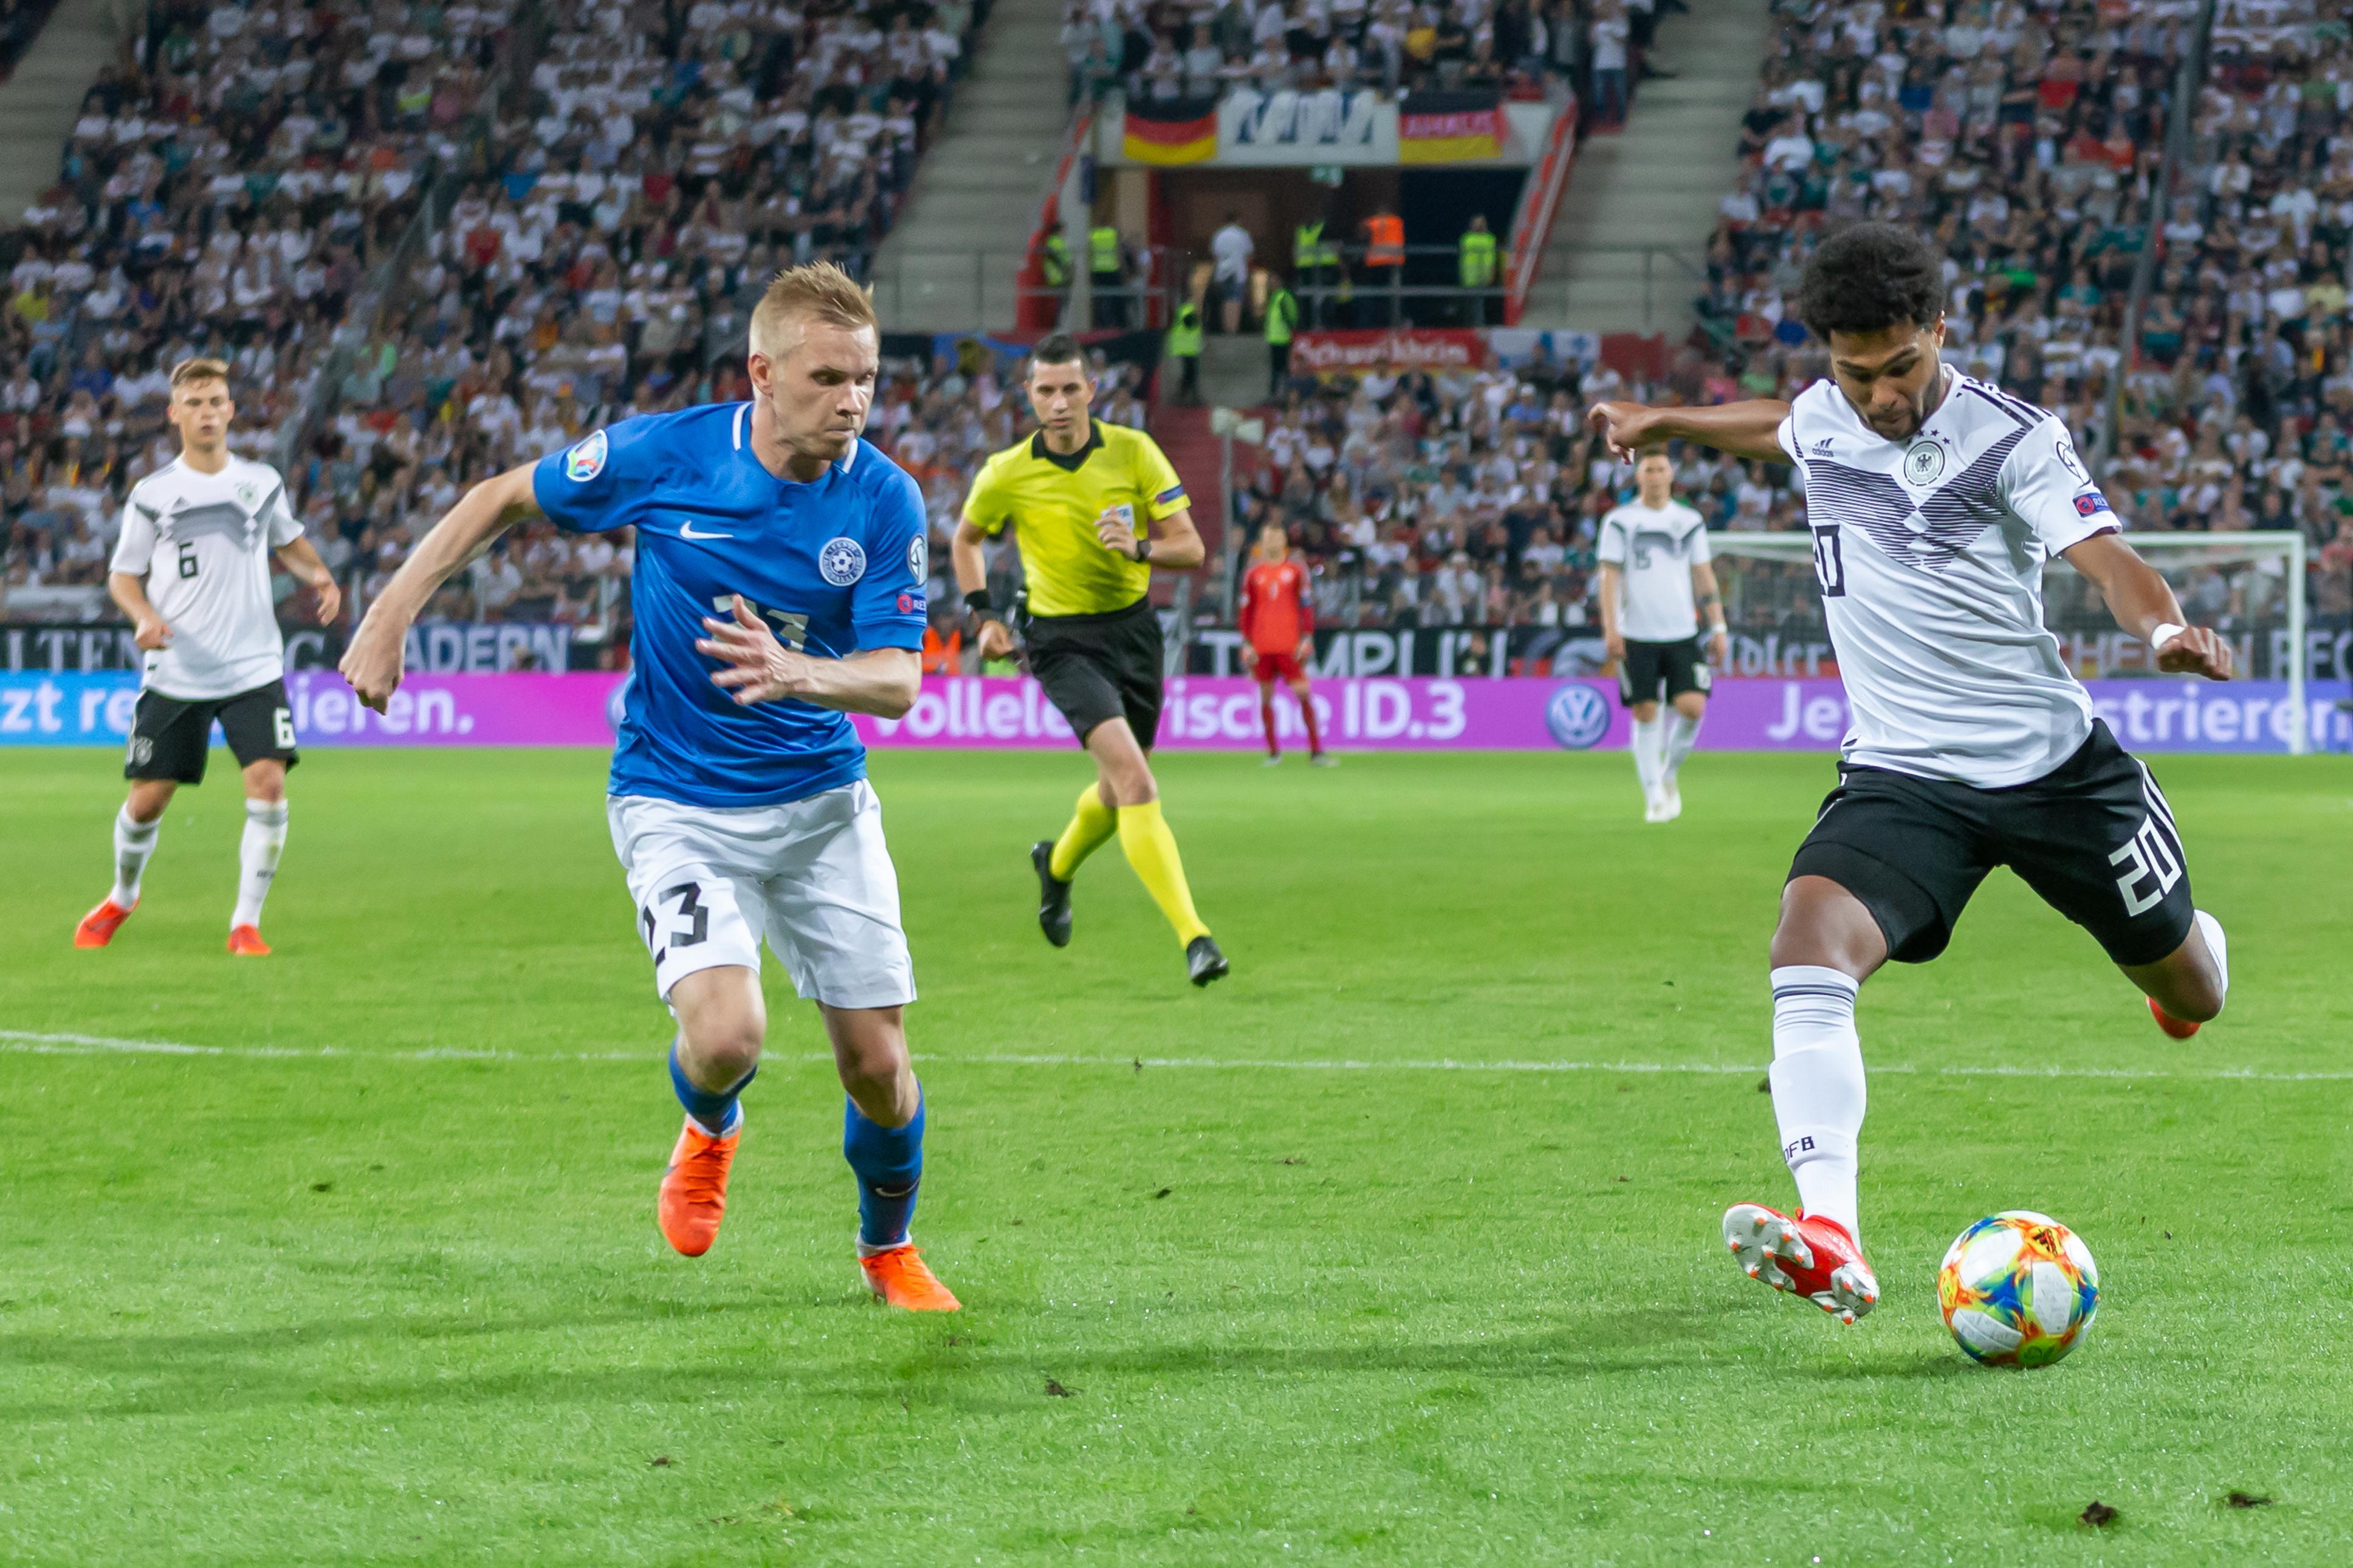 Fußball Deutschland Estland